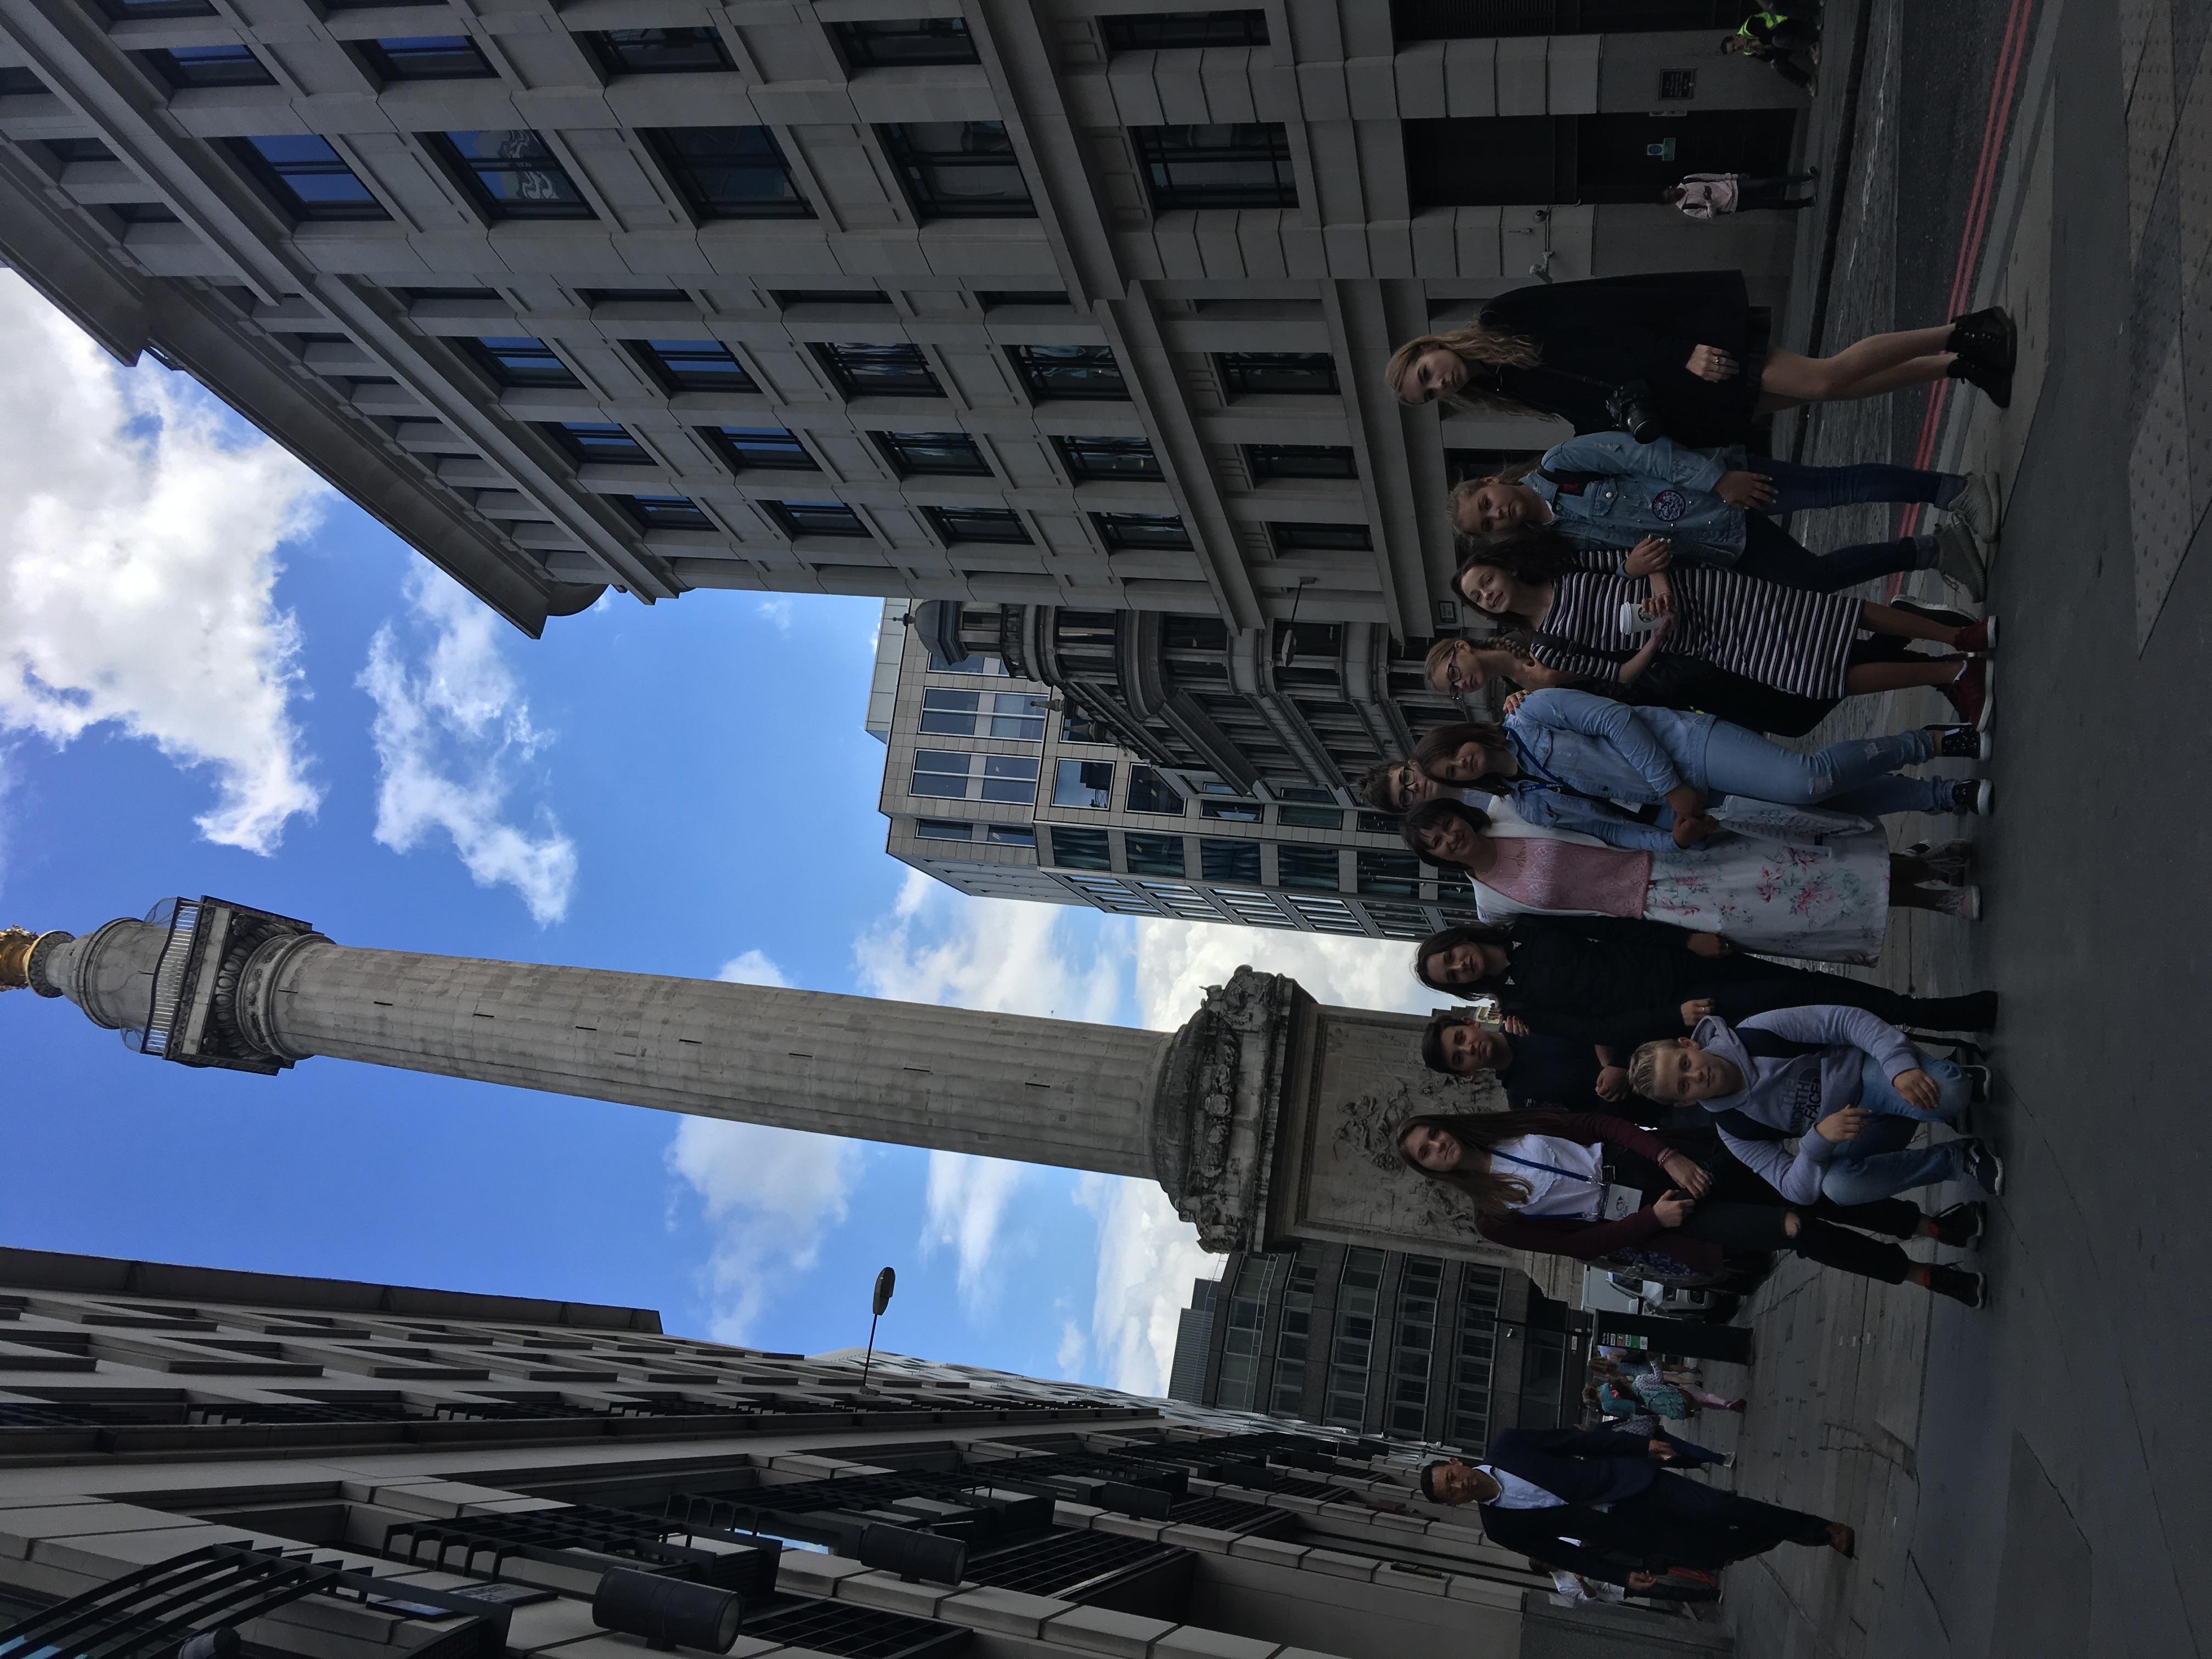 Монумент в Лондоне